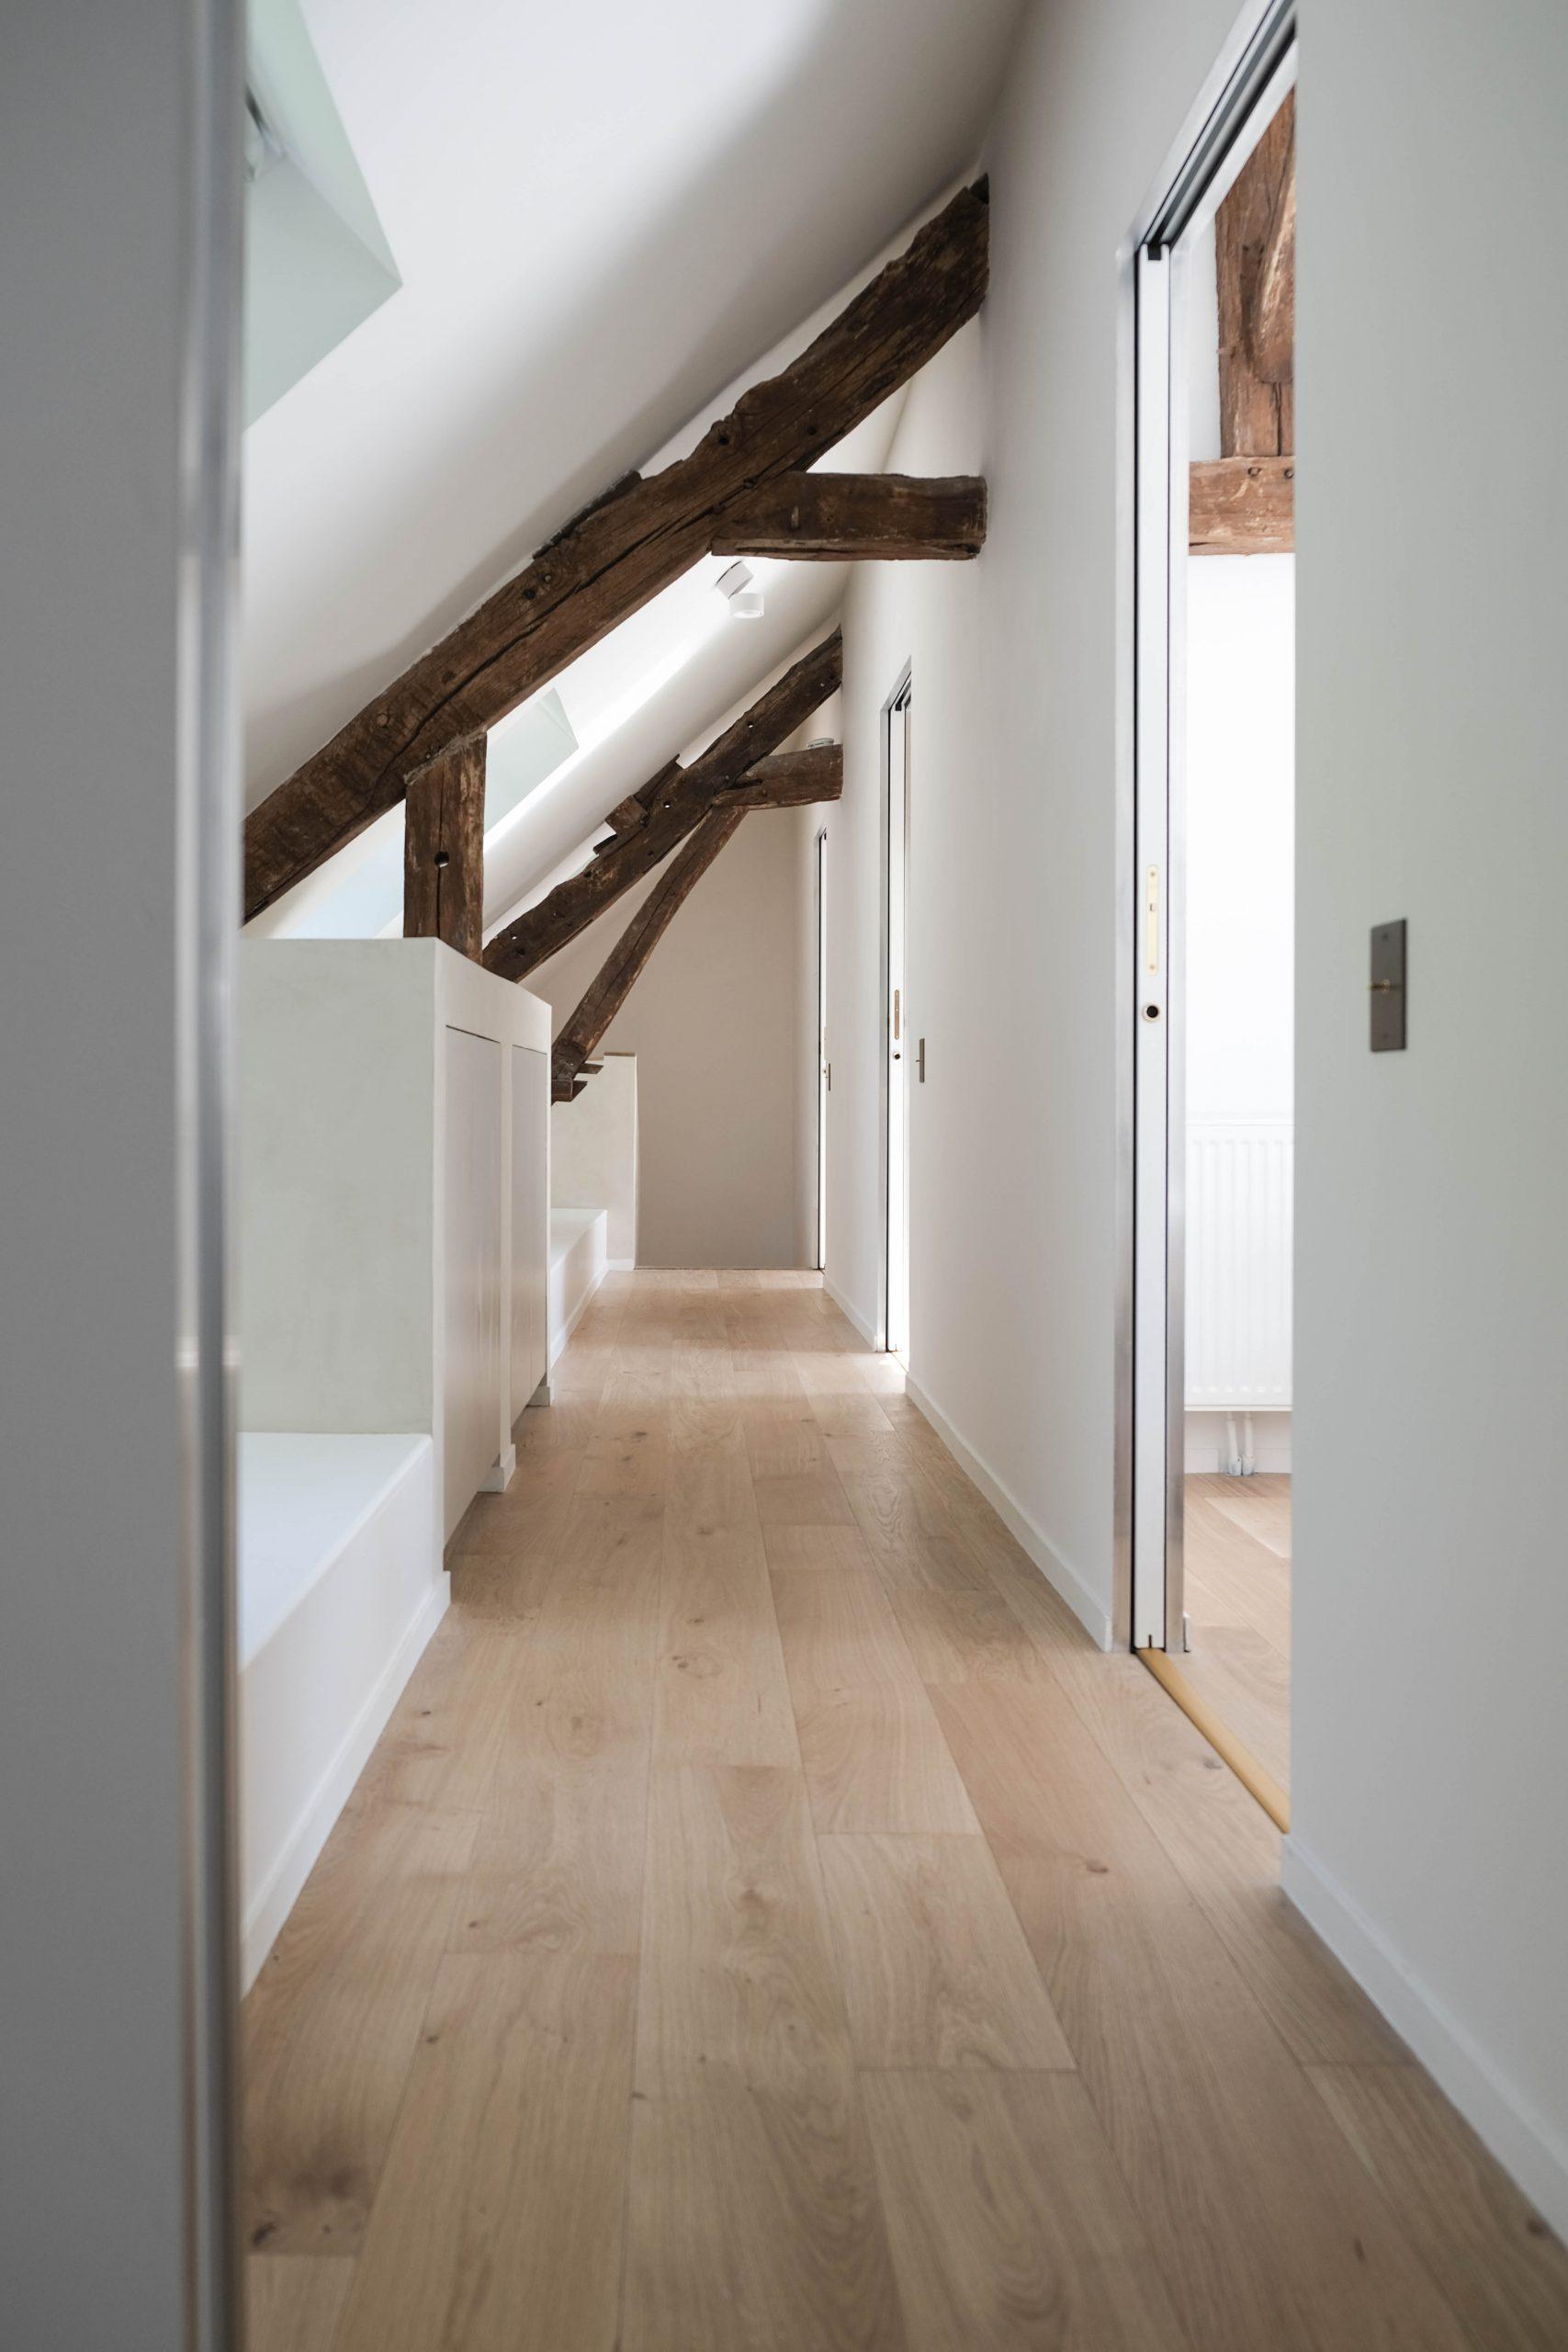 Grâce aux velux et aux tons blancs, ce couloir est naturellement éclairé.